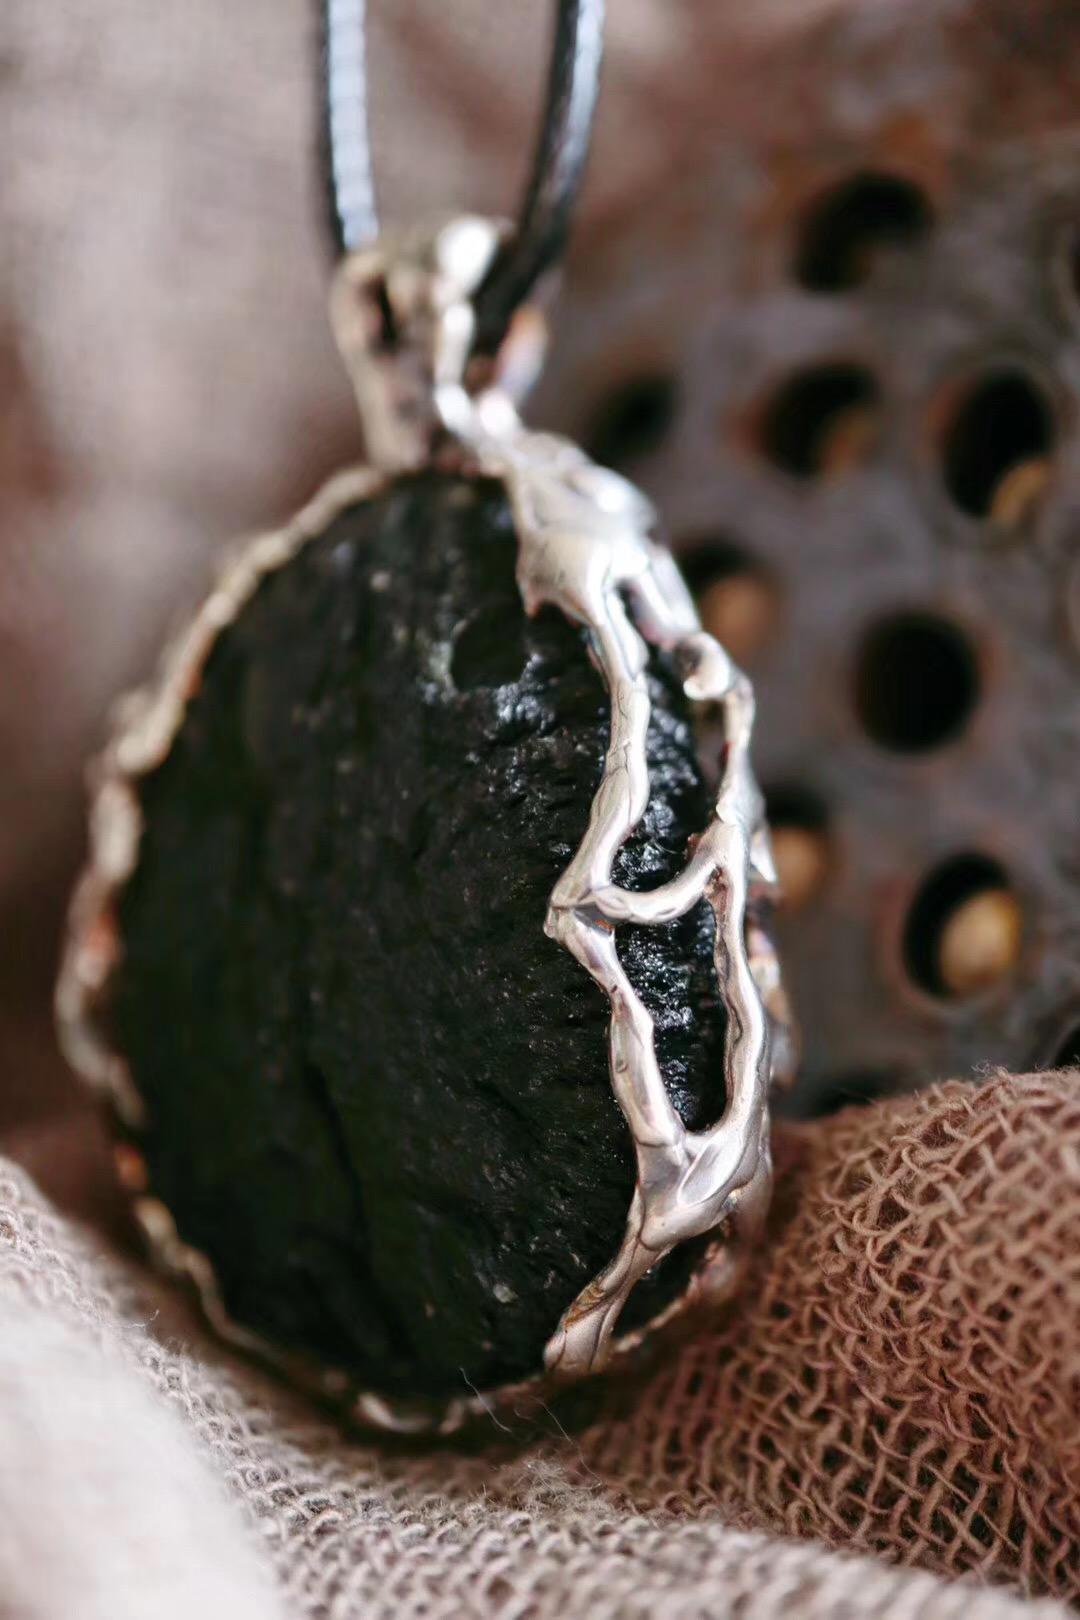 【捷克陨石】20g以上的捷克陨石,都非常值得收藏-菩心晶舍